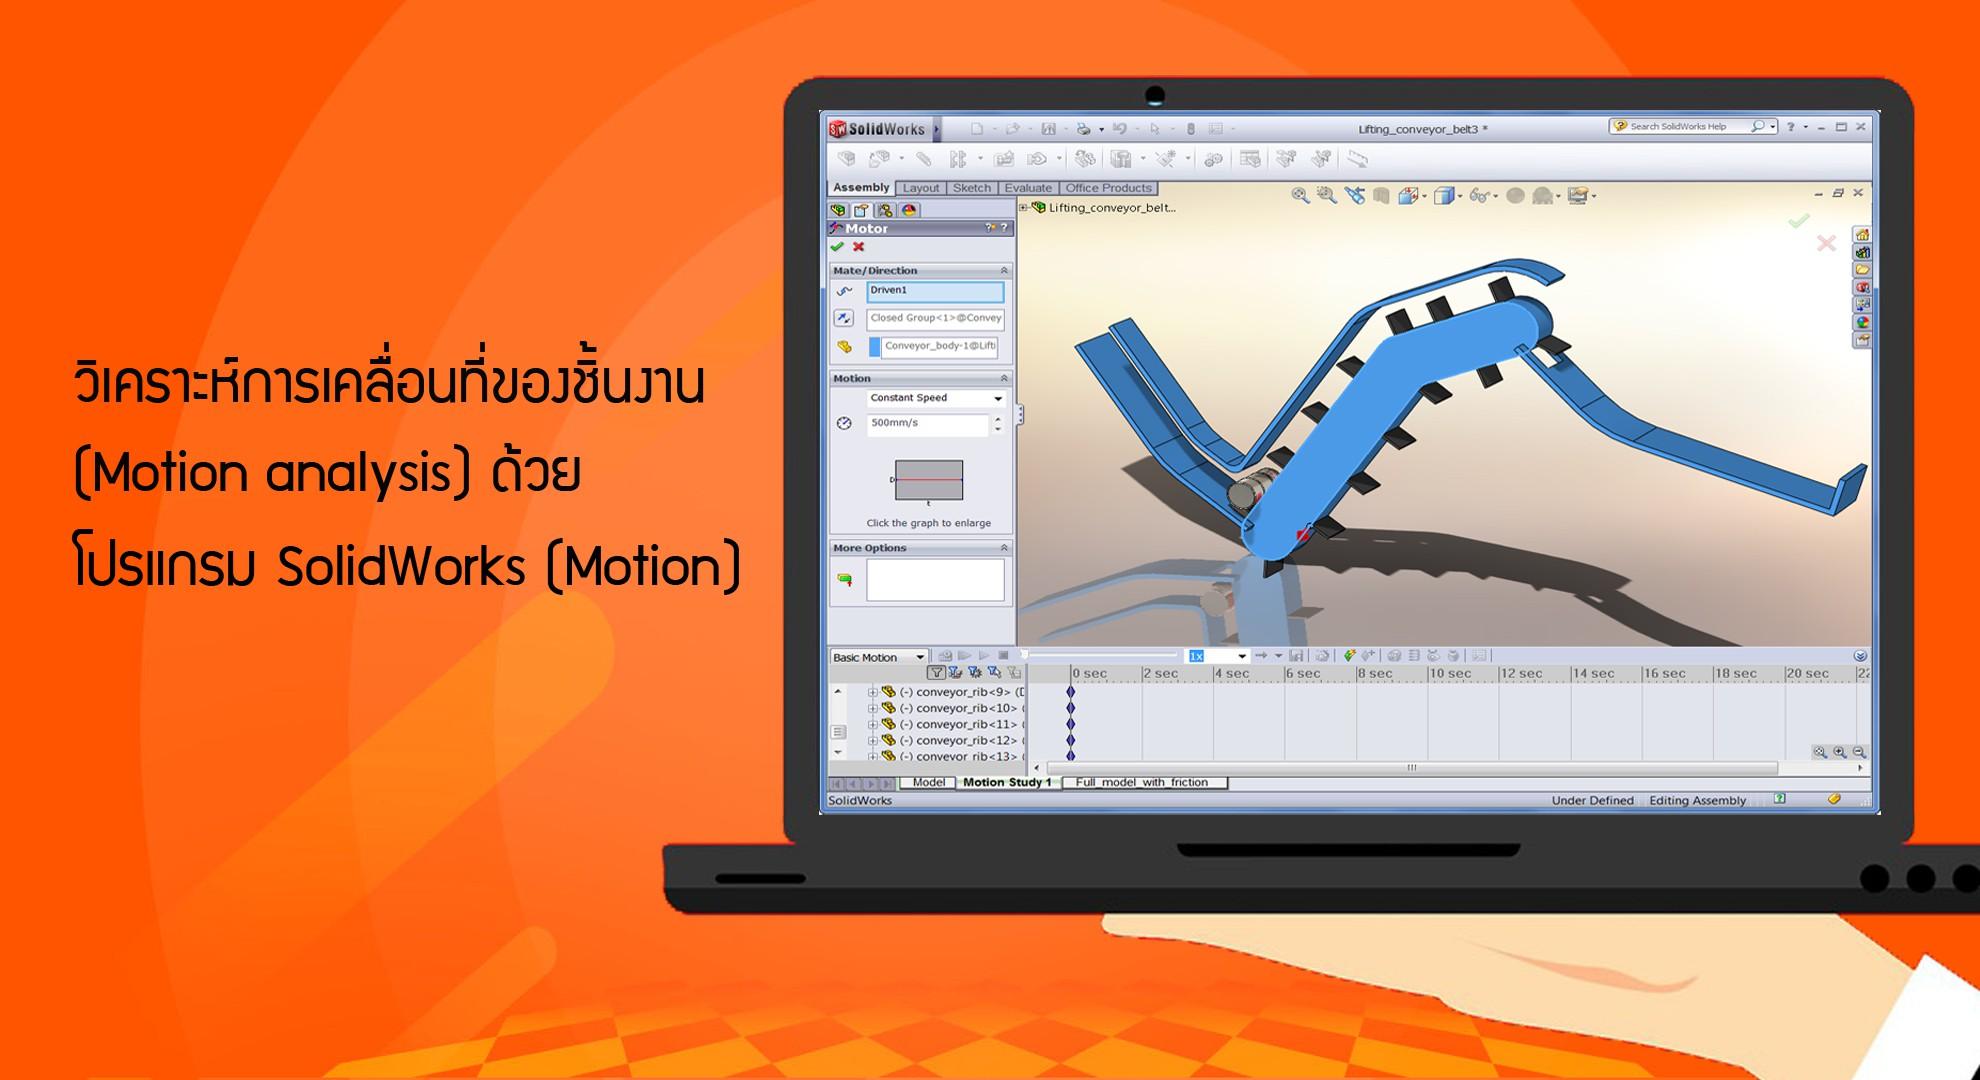 วิเคราะห์การเคลื่อนที่ของชิ้นงาน (Motion analysis) ด้วยโปรแกรม SolidWorks (Motion)